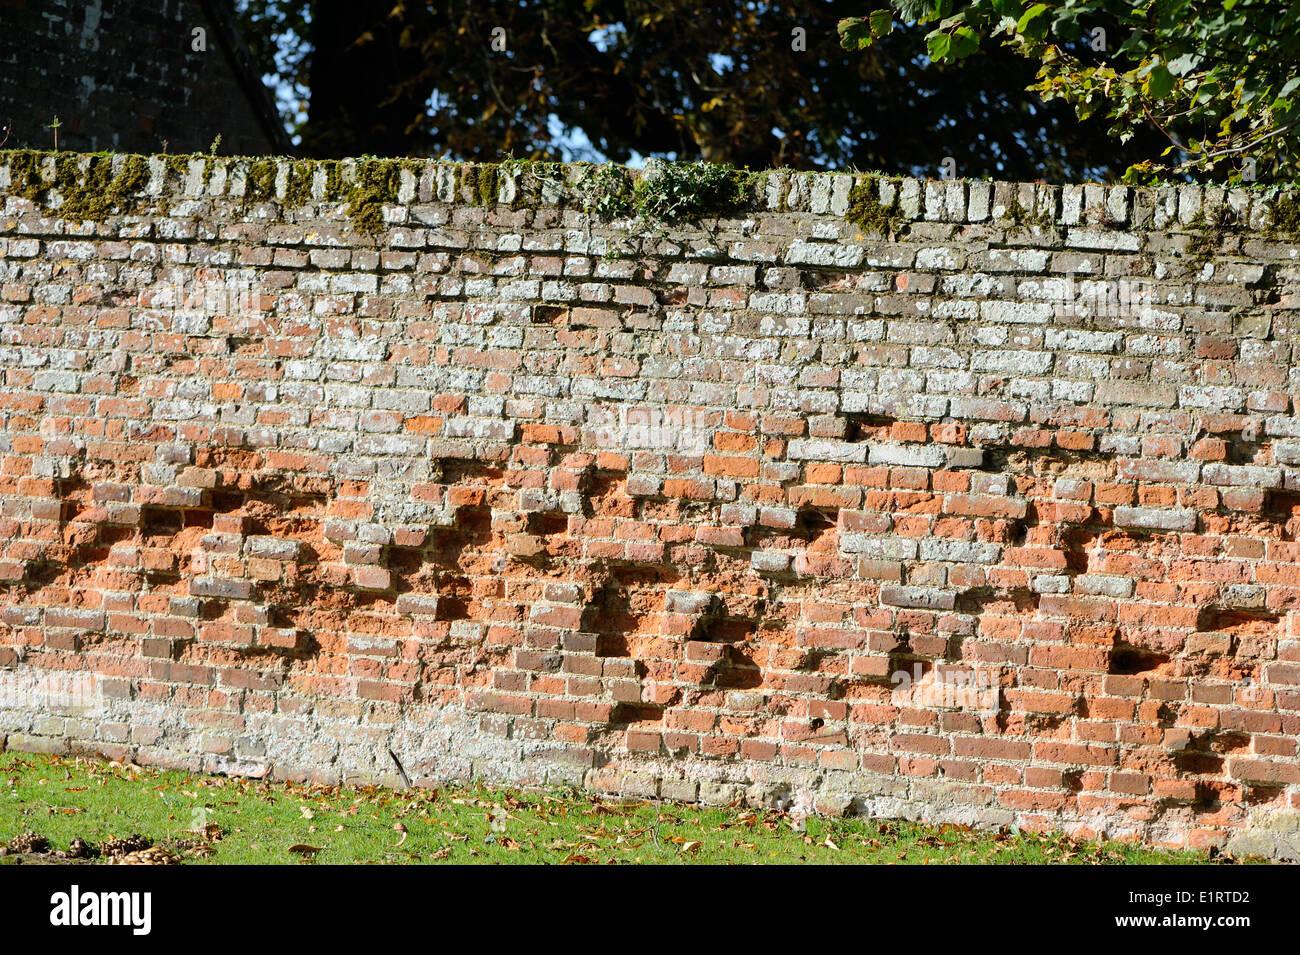 Un antico muro di mattoni con molti mattoni erosi. Norfolk, Regno Unito. Immagini Stock